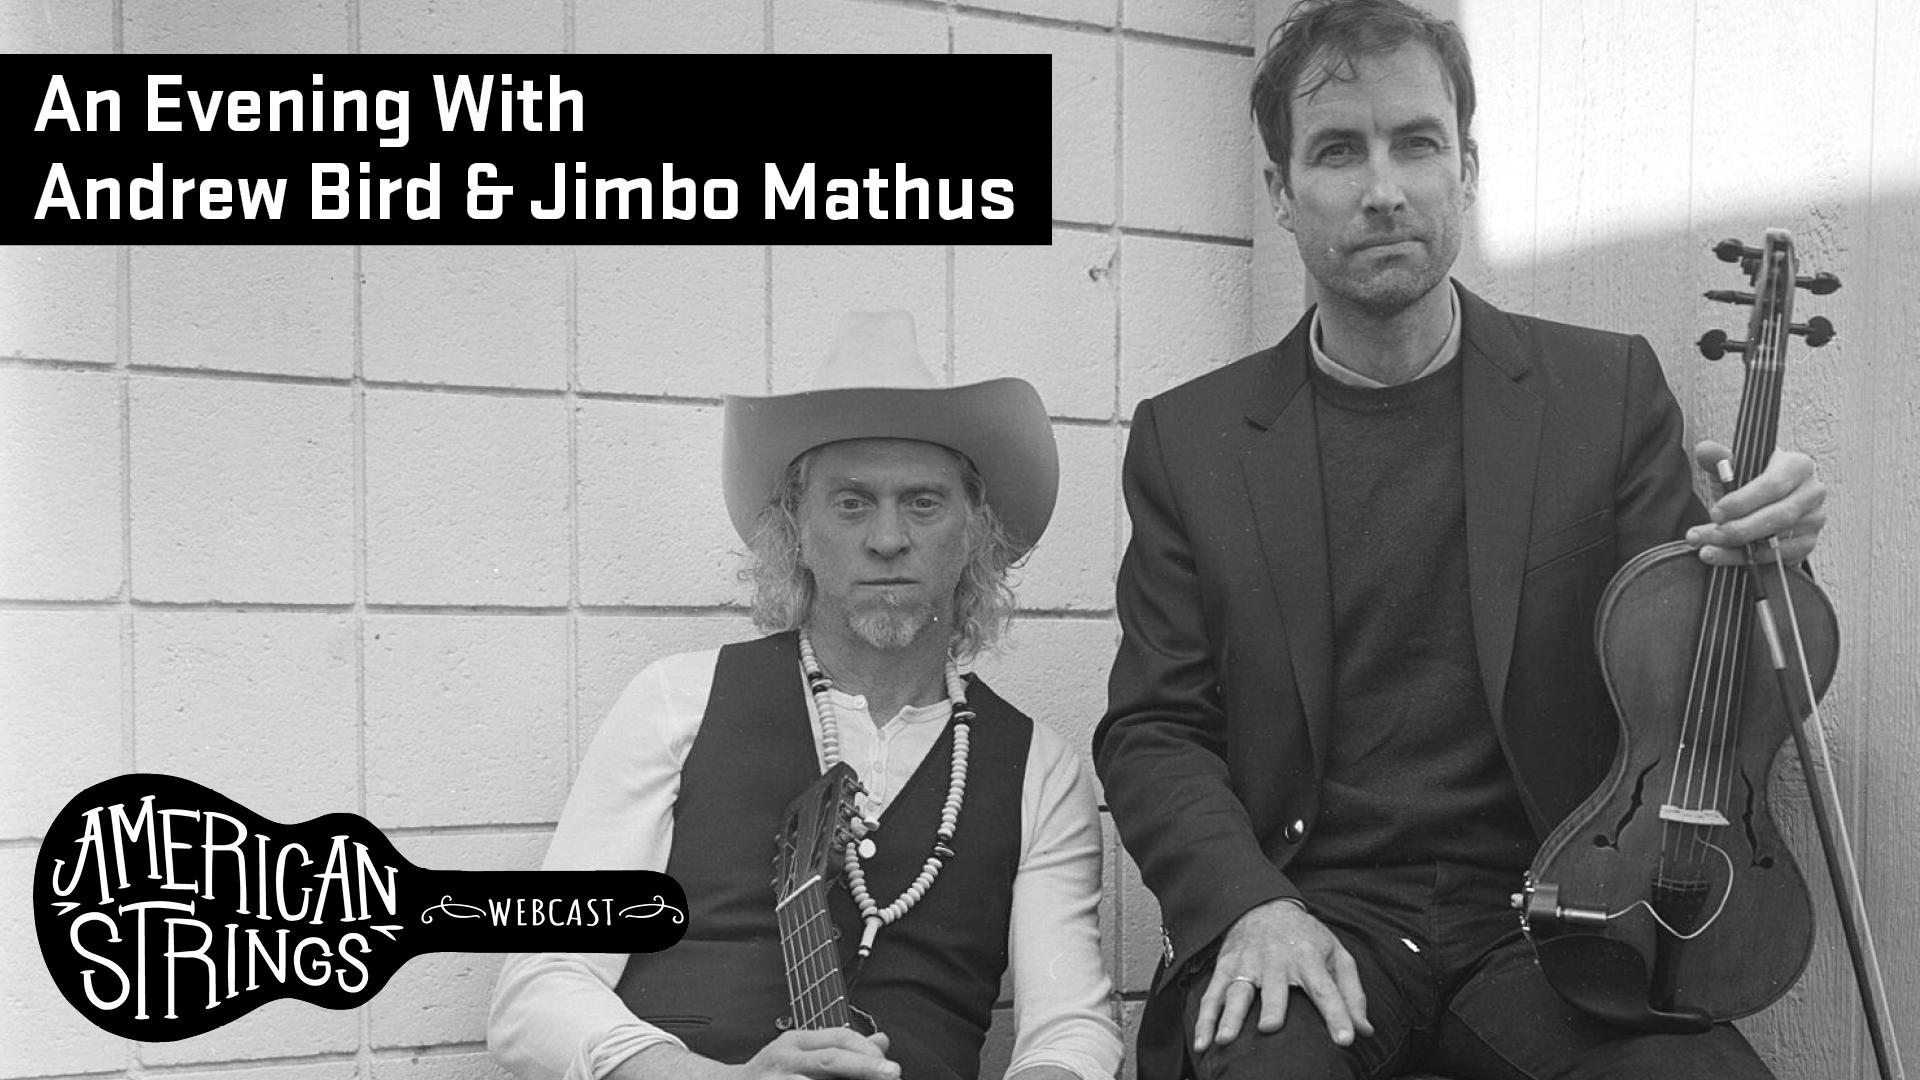 Andrew Bird and Jimbo Mathus